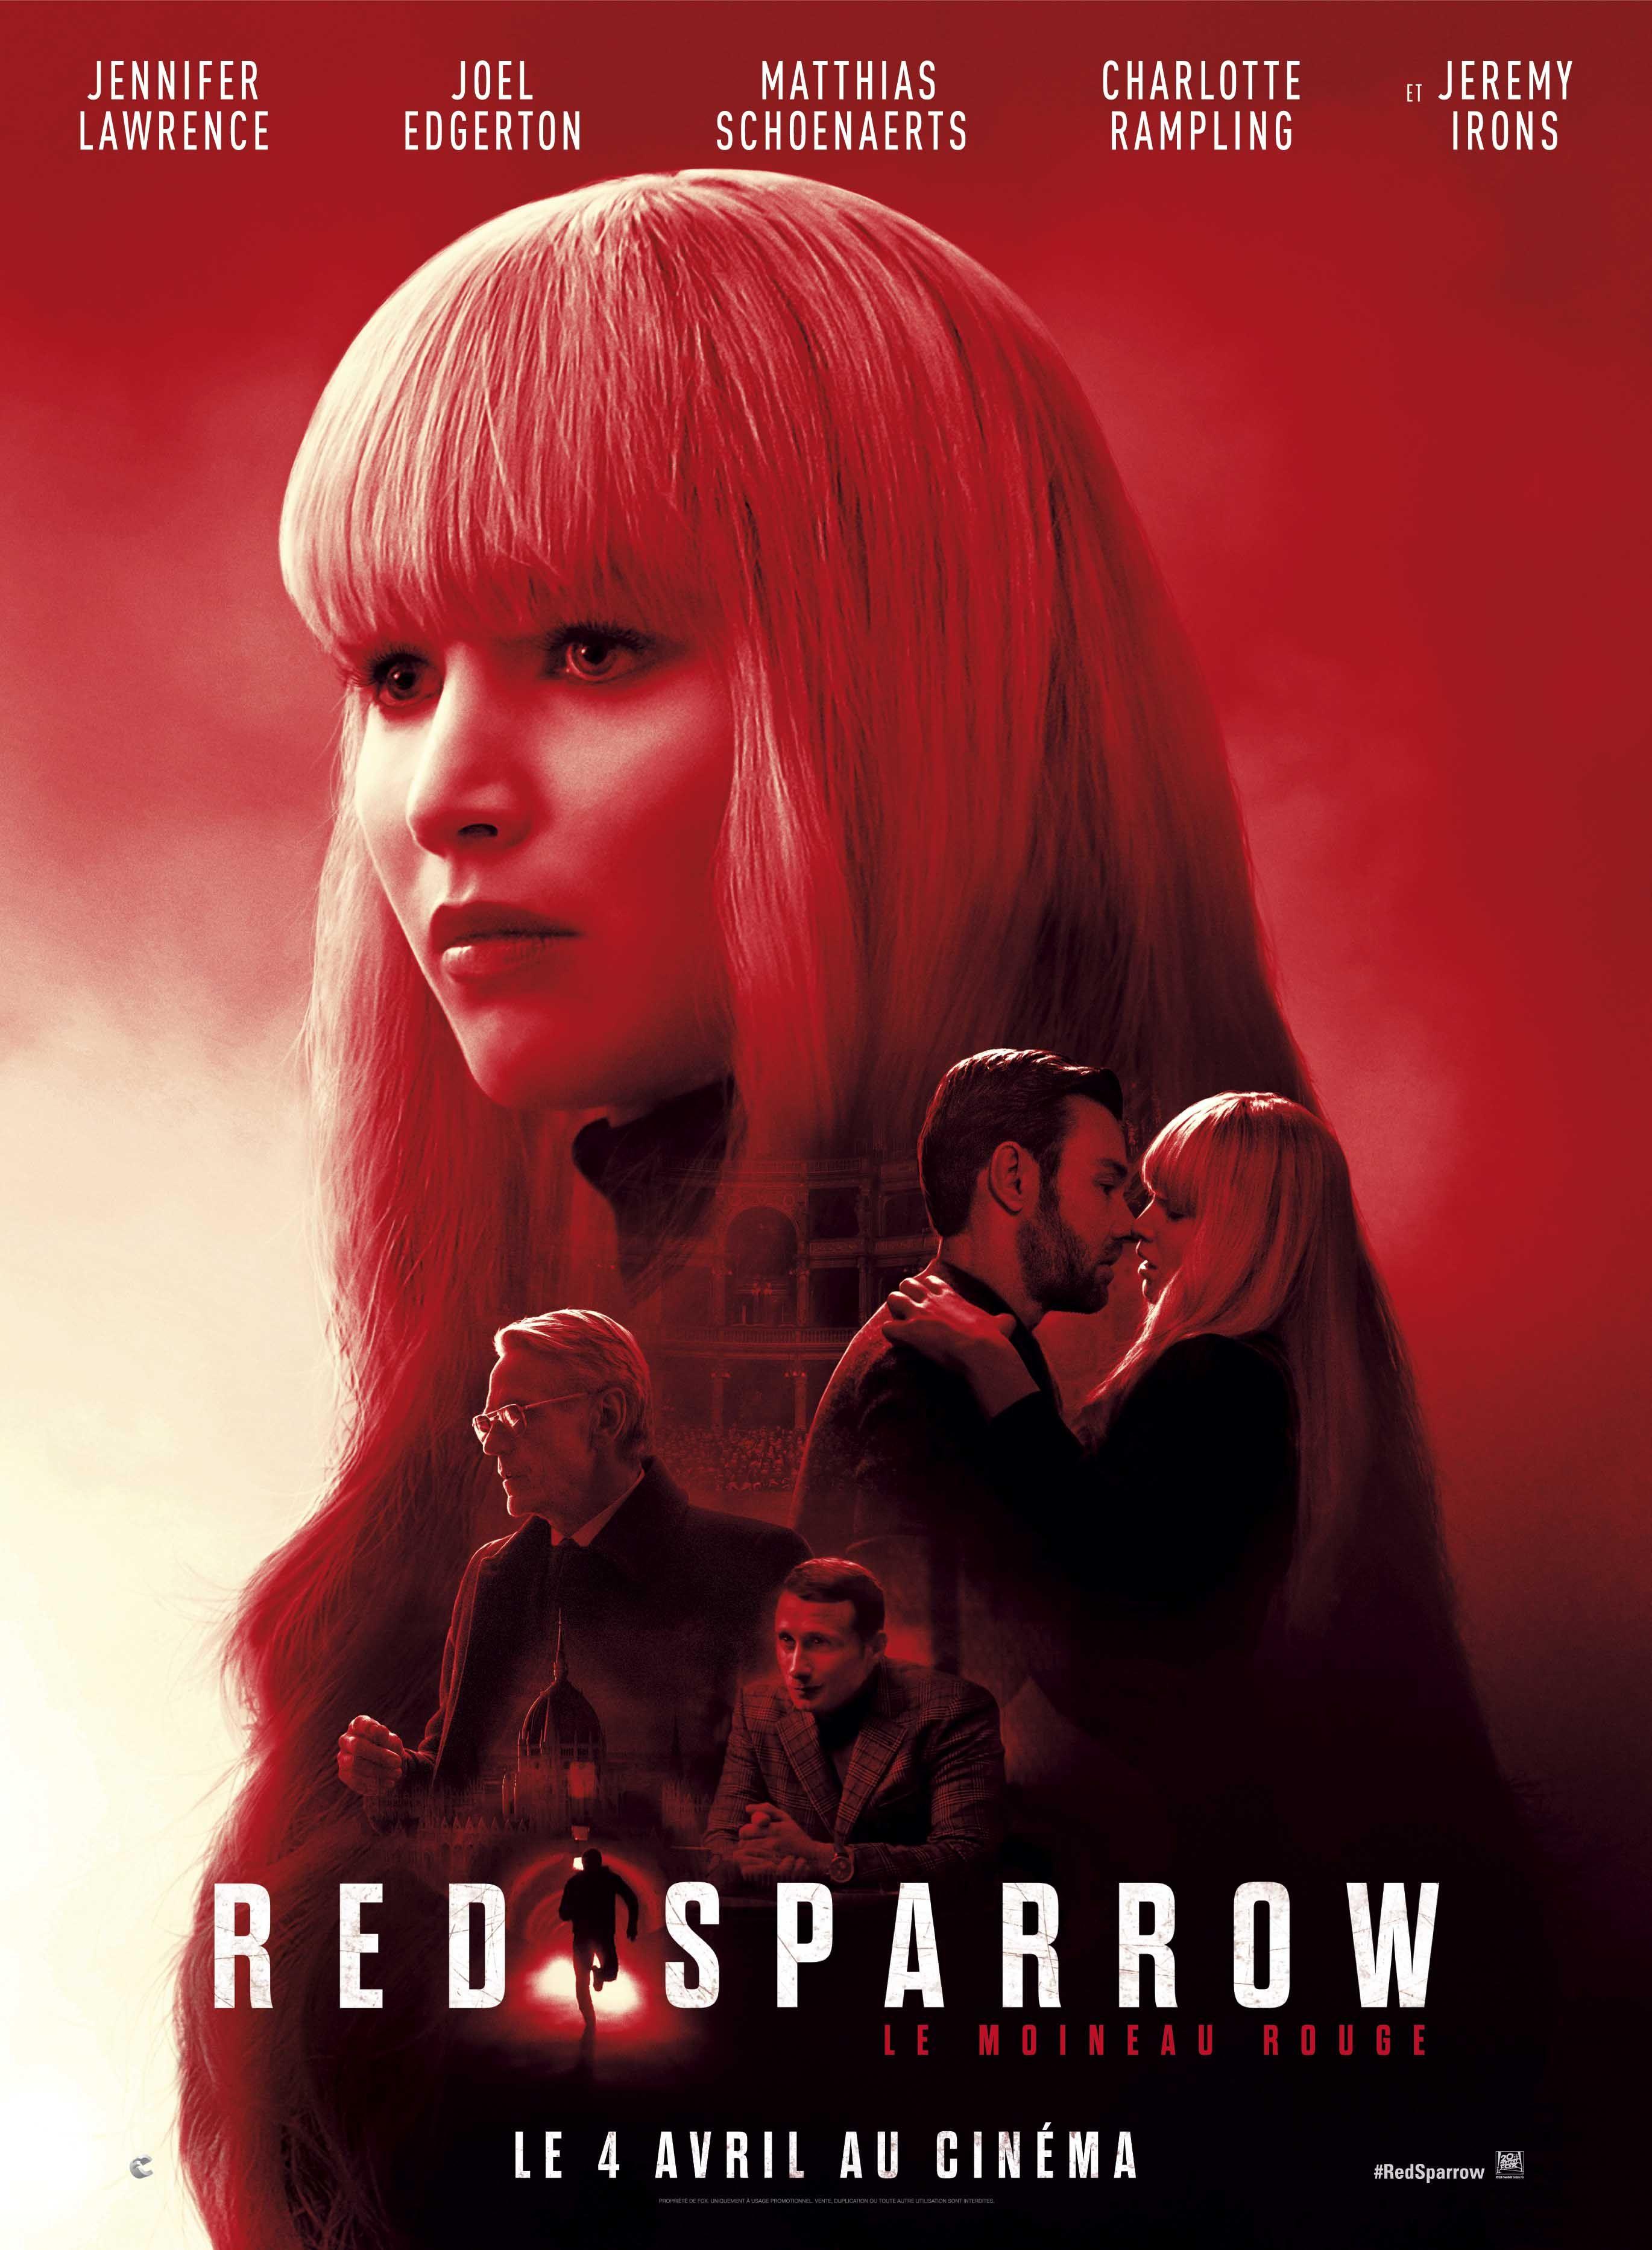 постер фильма красный воробей постеры фильмов воробьи